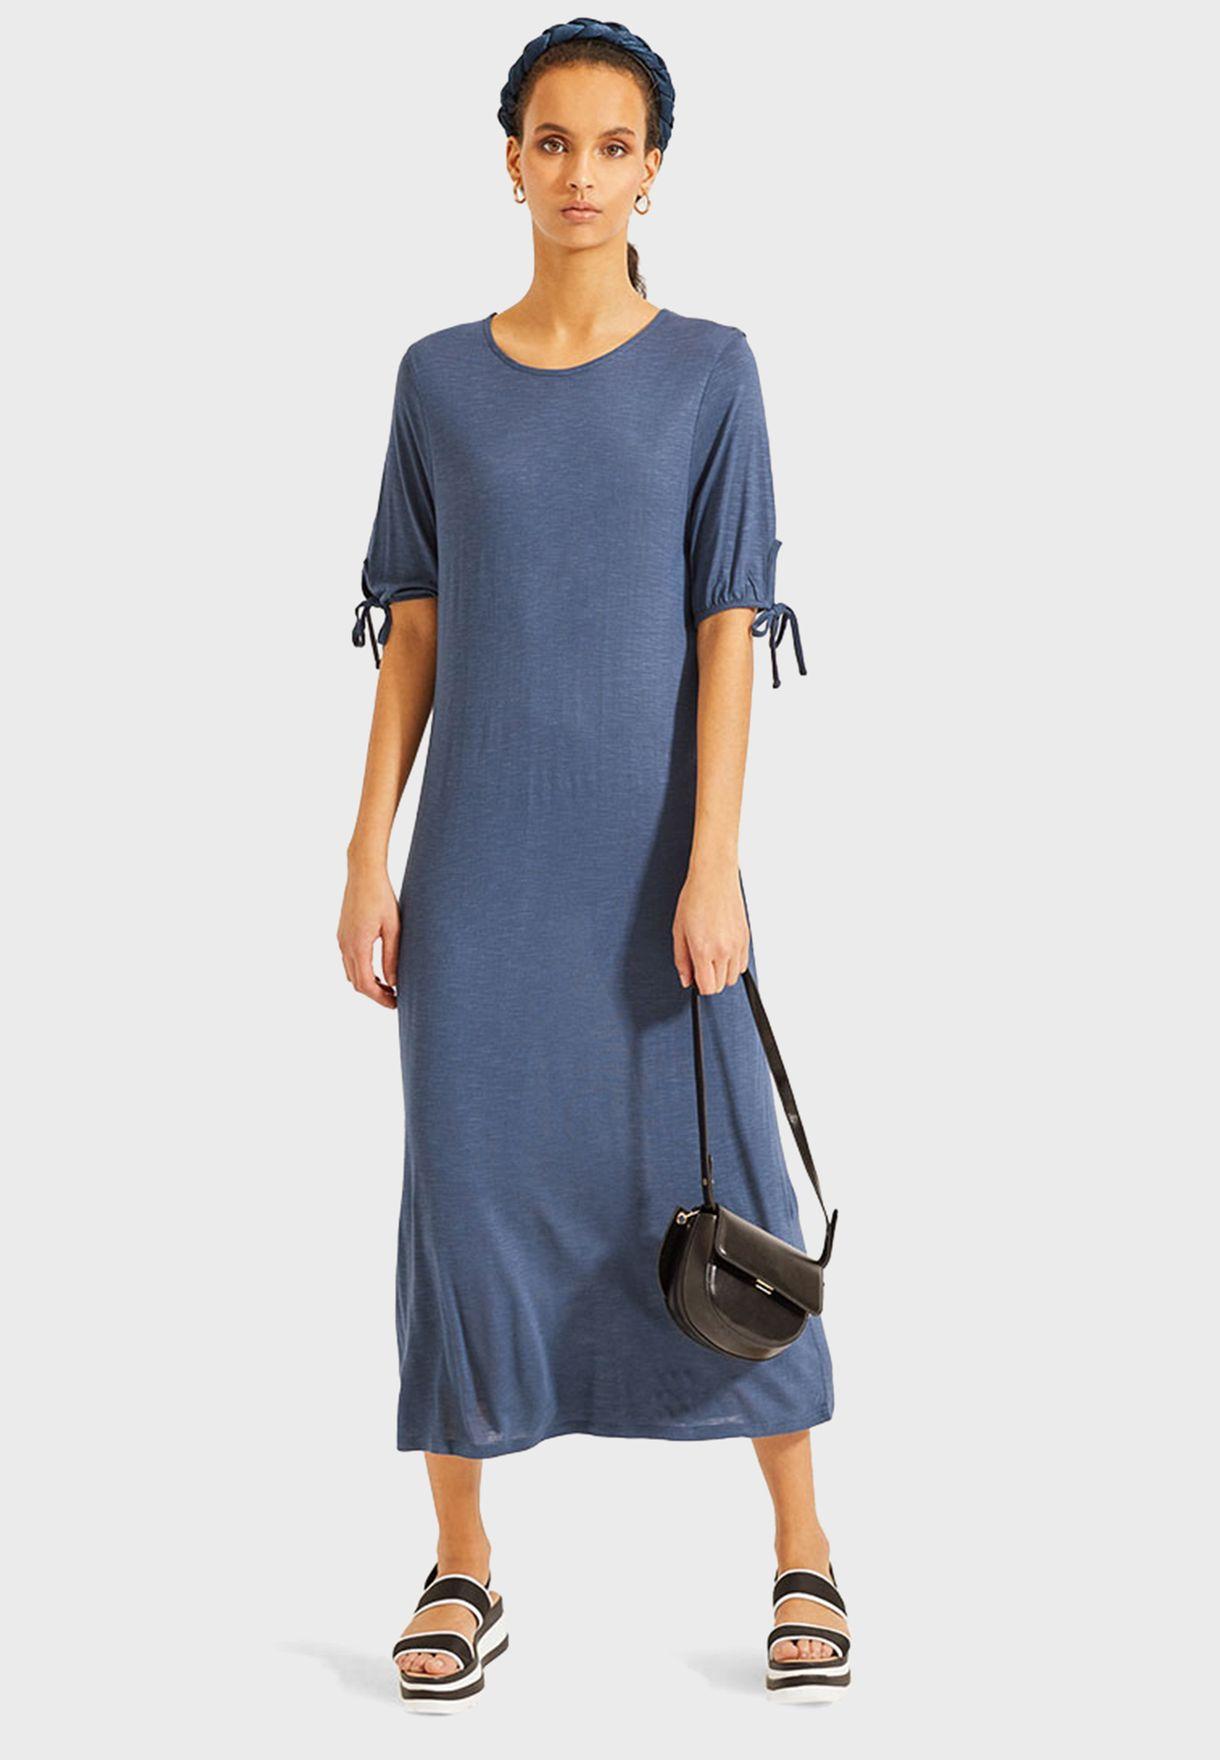 فستان بياقة دائرية ومزين بكسرات